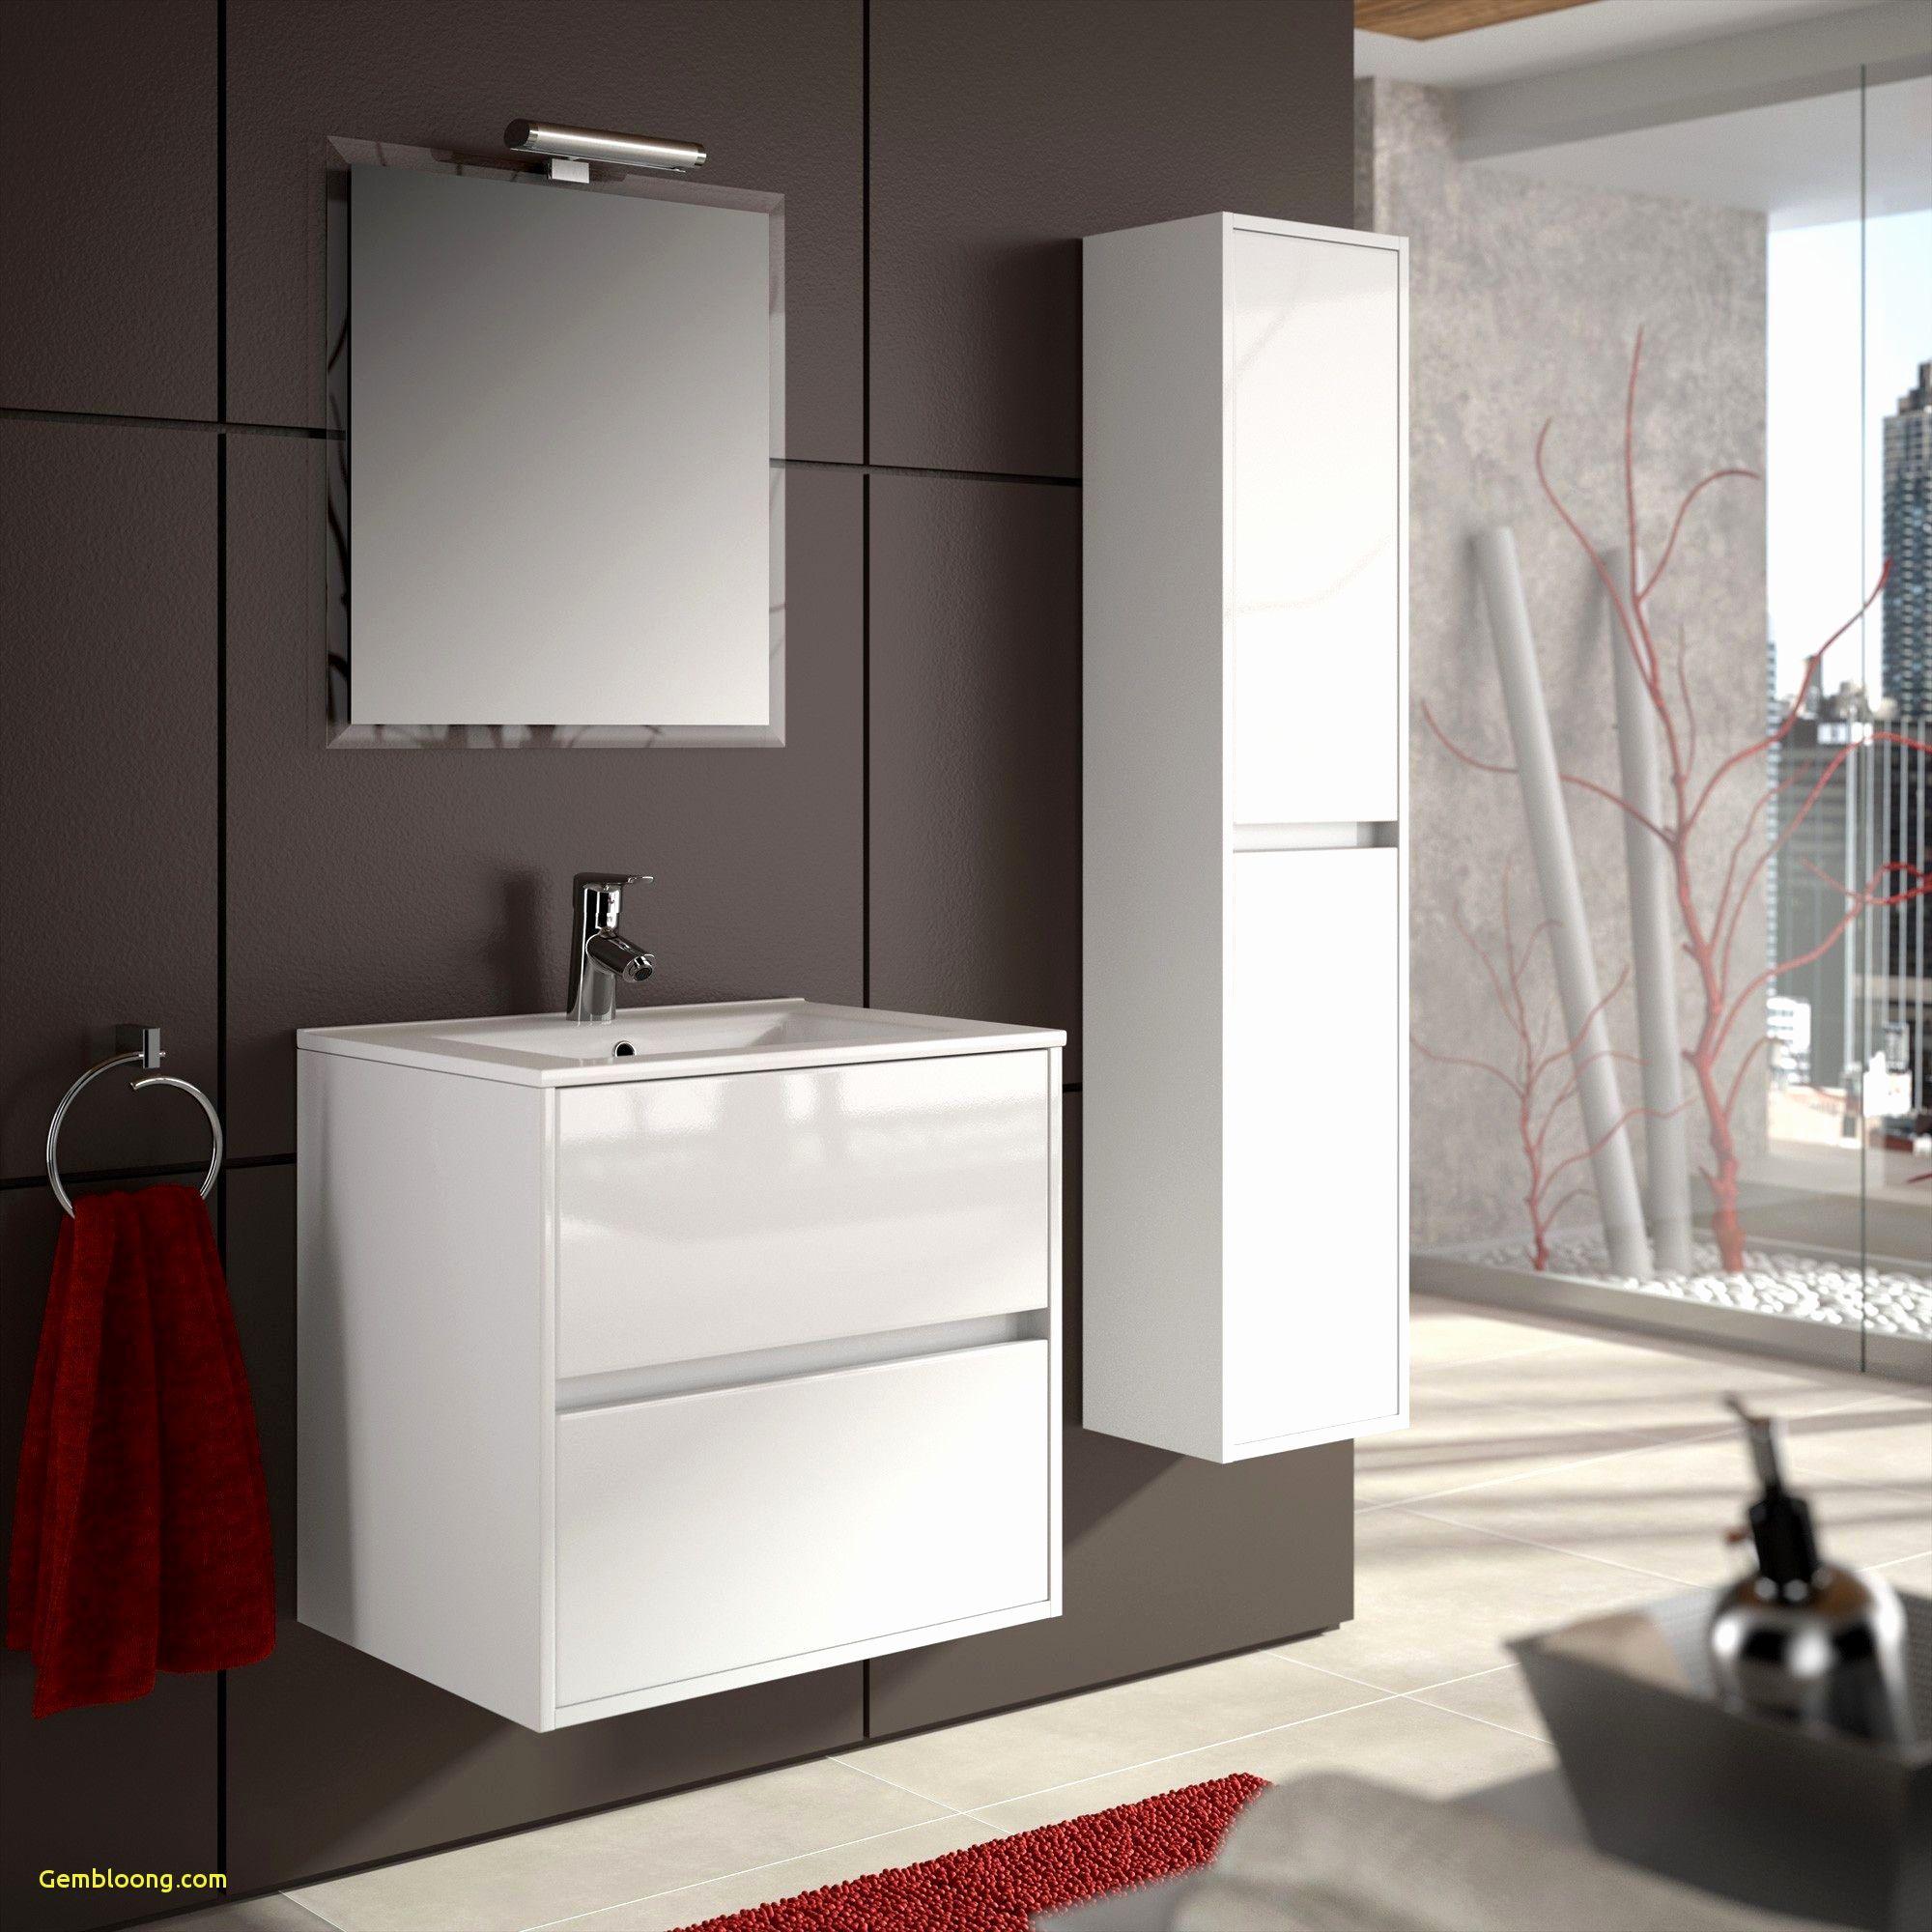 77 Meilleur De Photographie De Perceuse Colonne Brico Depot Bathroom Vanity Cabinets Bathroom Vanity Bathroom Renovations